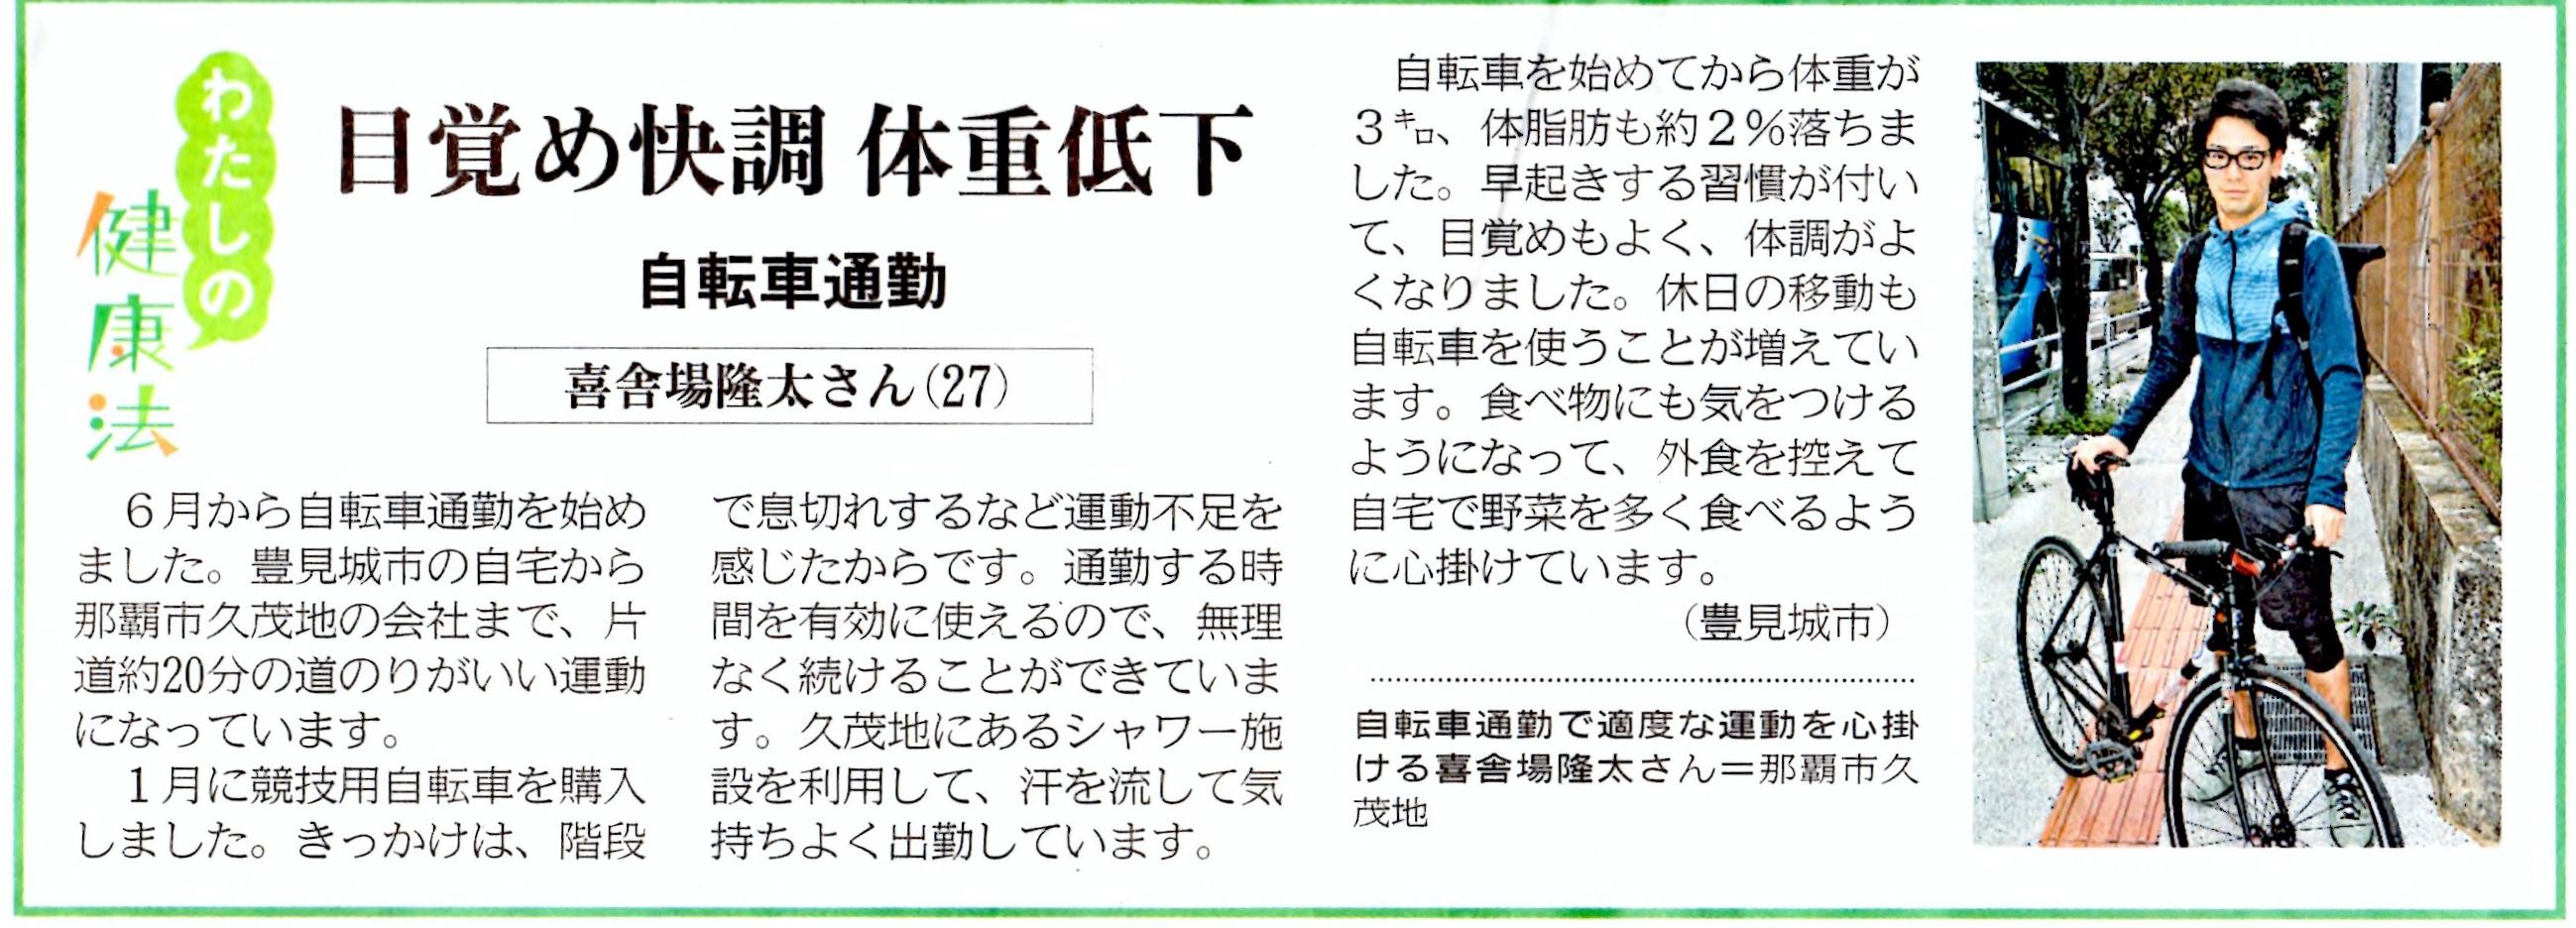 2015_1213_沖縄タイムス